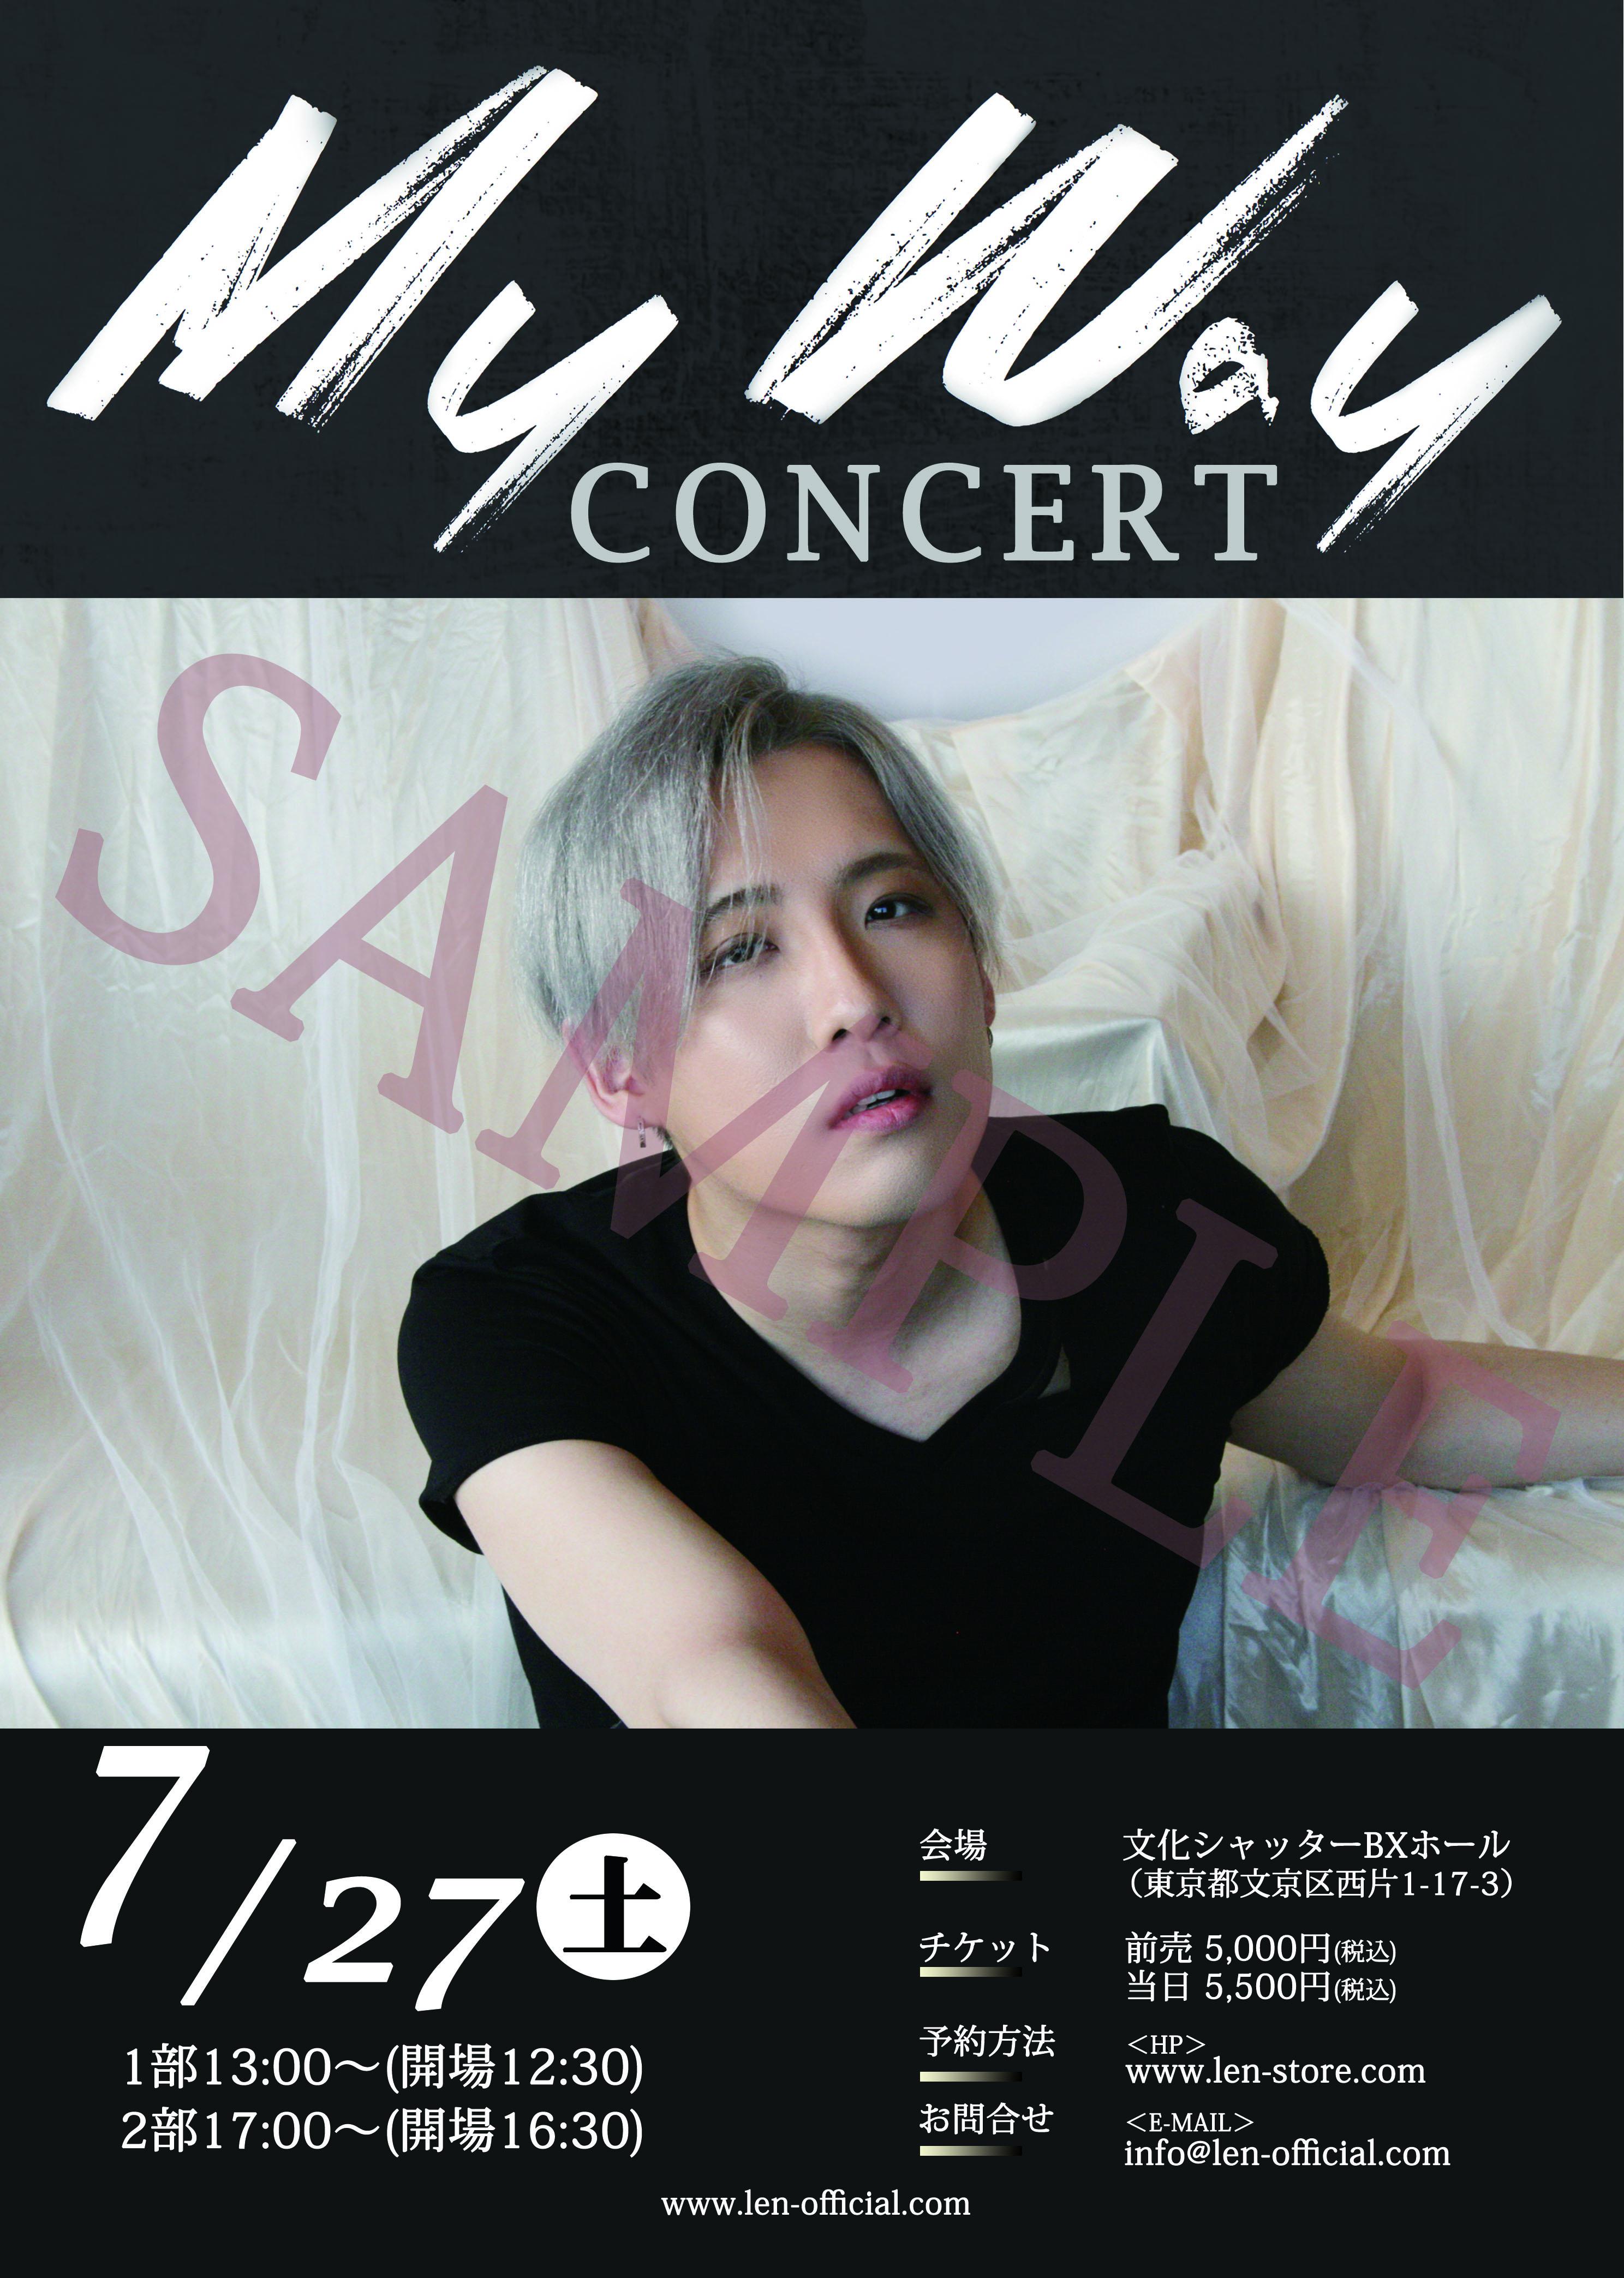 20190727_Concert